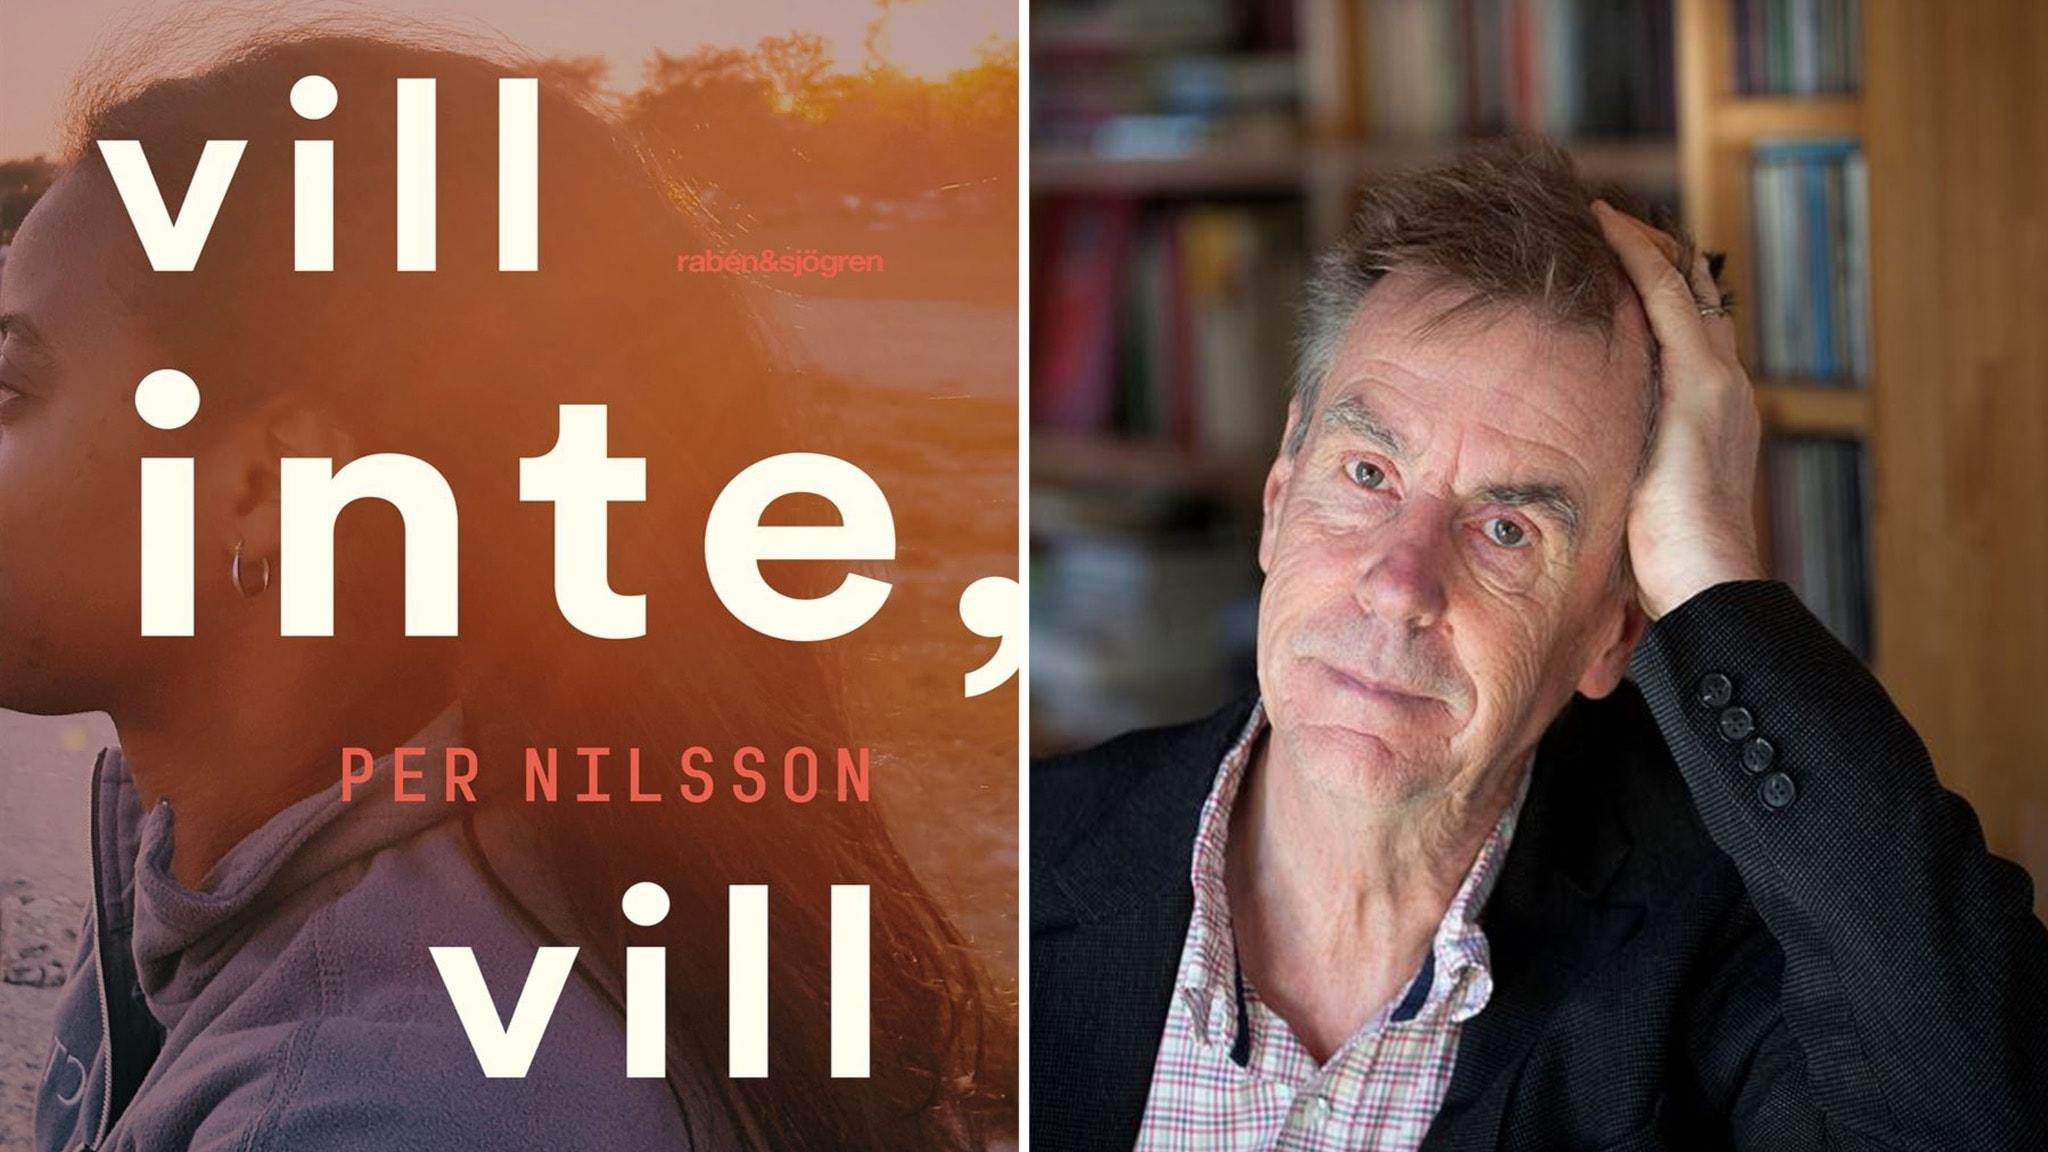 Högutbildad kvinna från storstaden den typiske kulturkonsumenten och Viveca Bladh har läst författaren Per Nilssons bok